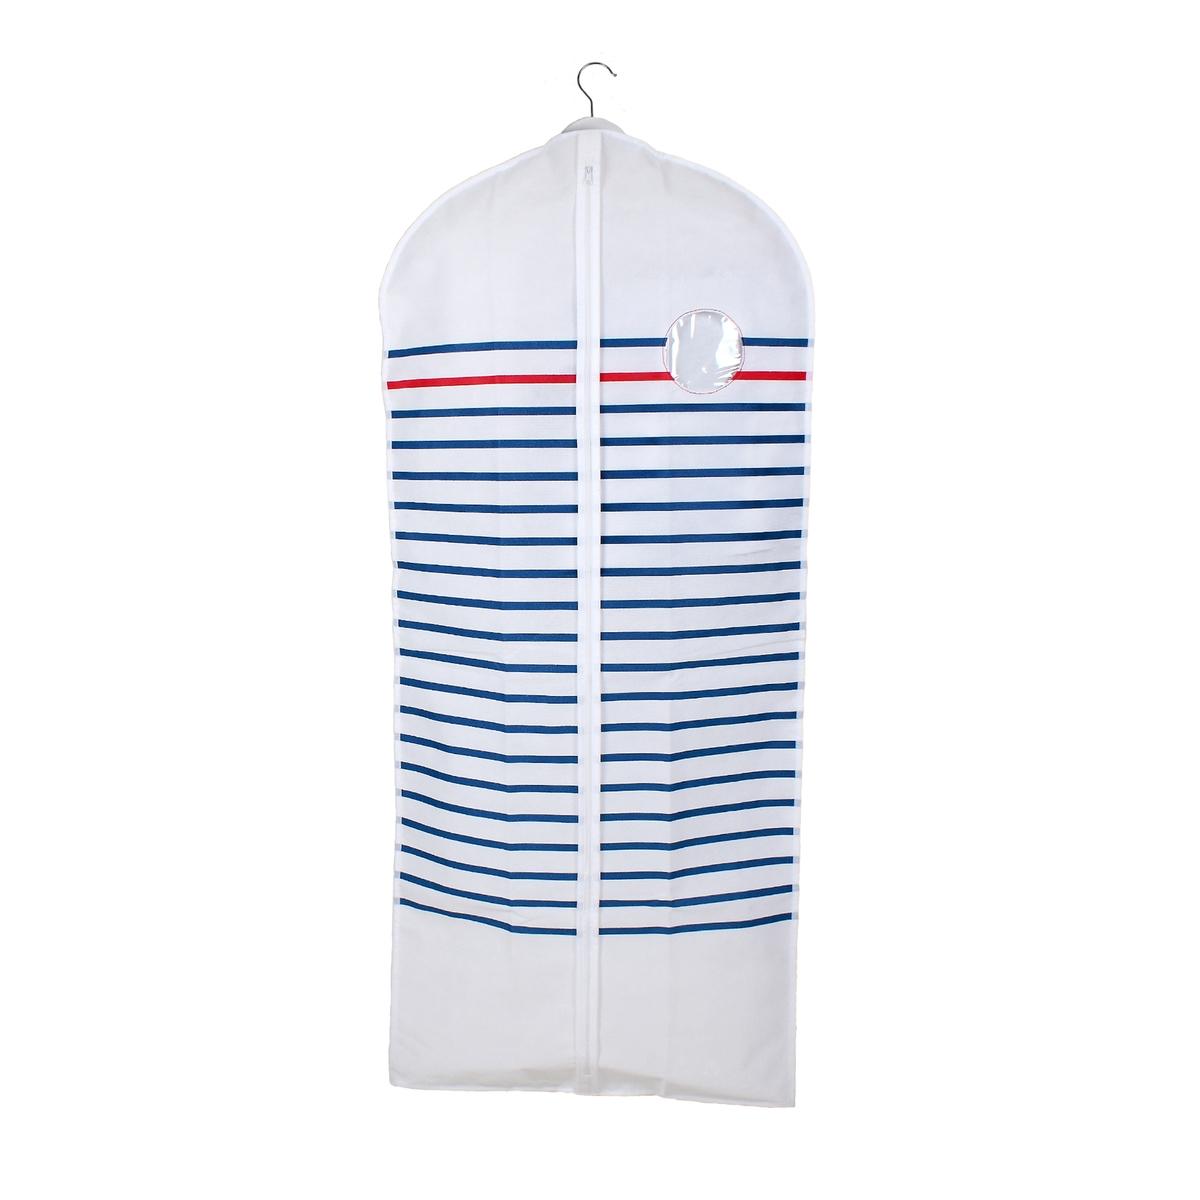 Комплект из 2 чехлов для одежды BazilХраните одежду и организуйте пространство с помощью защитных чехлов с принтом в морском стиле. Комплект из 2 чехлов. Подходят для длинной одежды.Характеристики чехла:- Нетканый, 100% полипропилена, с принтом в голубую/красную полоску на белом фоне.- 2 ручки для переноски позволяют сложить чехол вдвое, отверстие для вешалки-плечиков.- Застежка на молнию.- Прозрачная вставка.Размеры чехла:Ширина 60 см.Высота 135 см (для пальто).Найдите все чехлы для хранения Bazil на сайте laredoute.ru.<br><br>Цвет: в полоску белый/темно-синий<br>Размер: единый размер